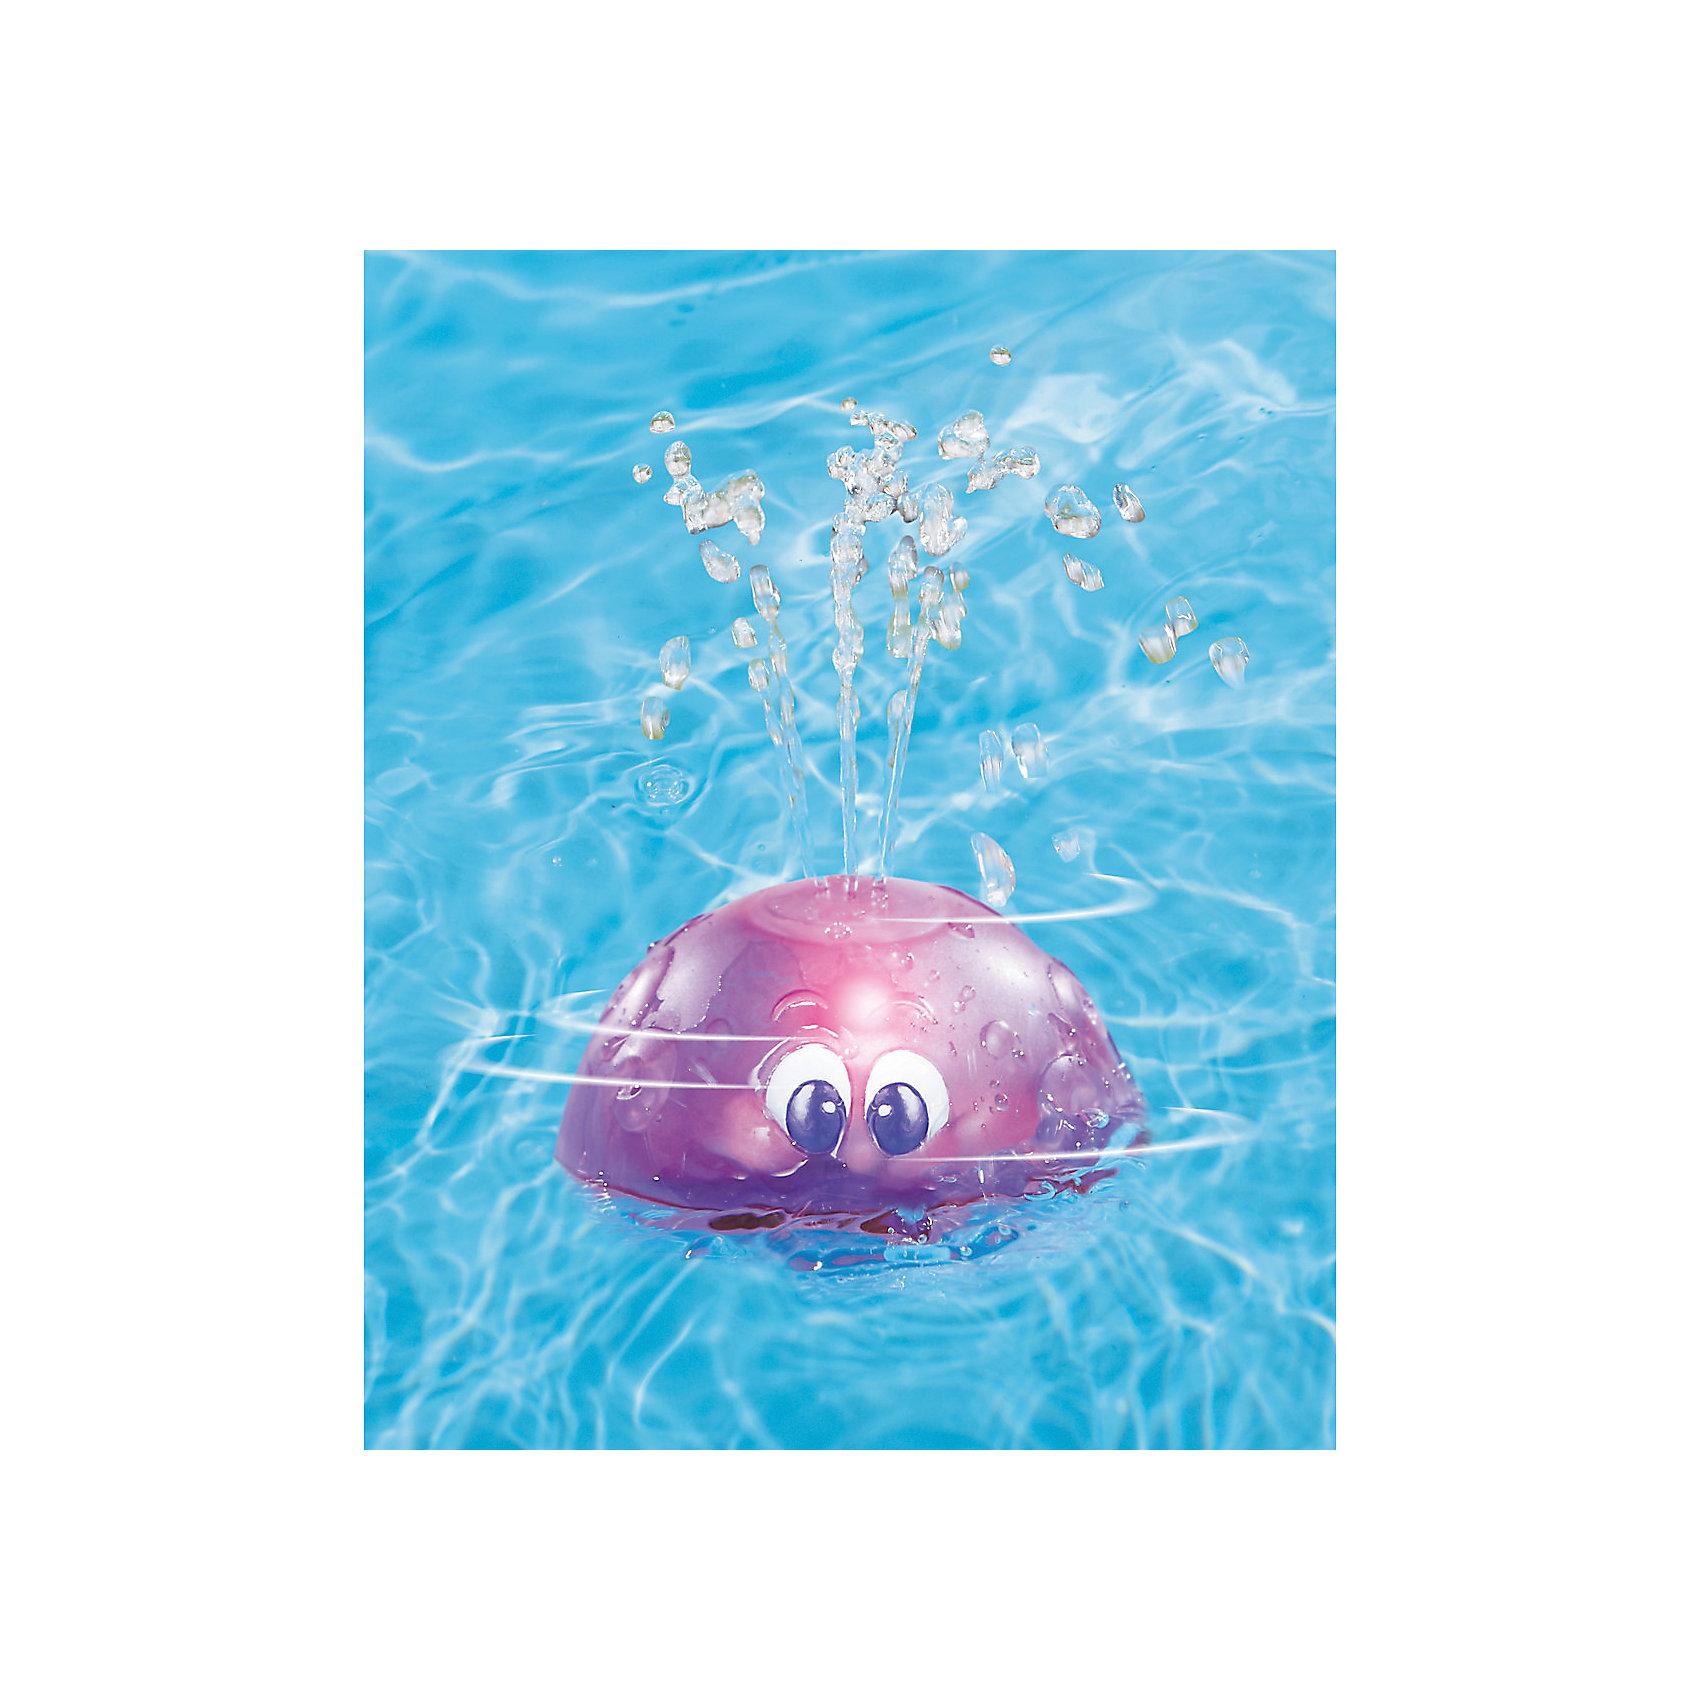 Little Tikes Игрушка для ванны Вращающийся фонтан, Little Tikes, фиолетовый органайзер little tikes органайзер карман для детских принадлежностей seat pal серый